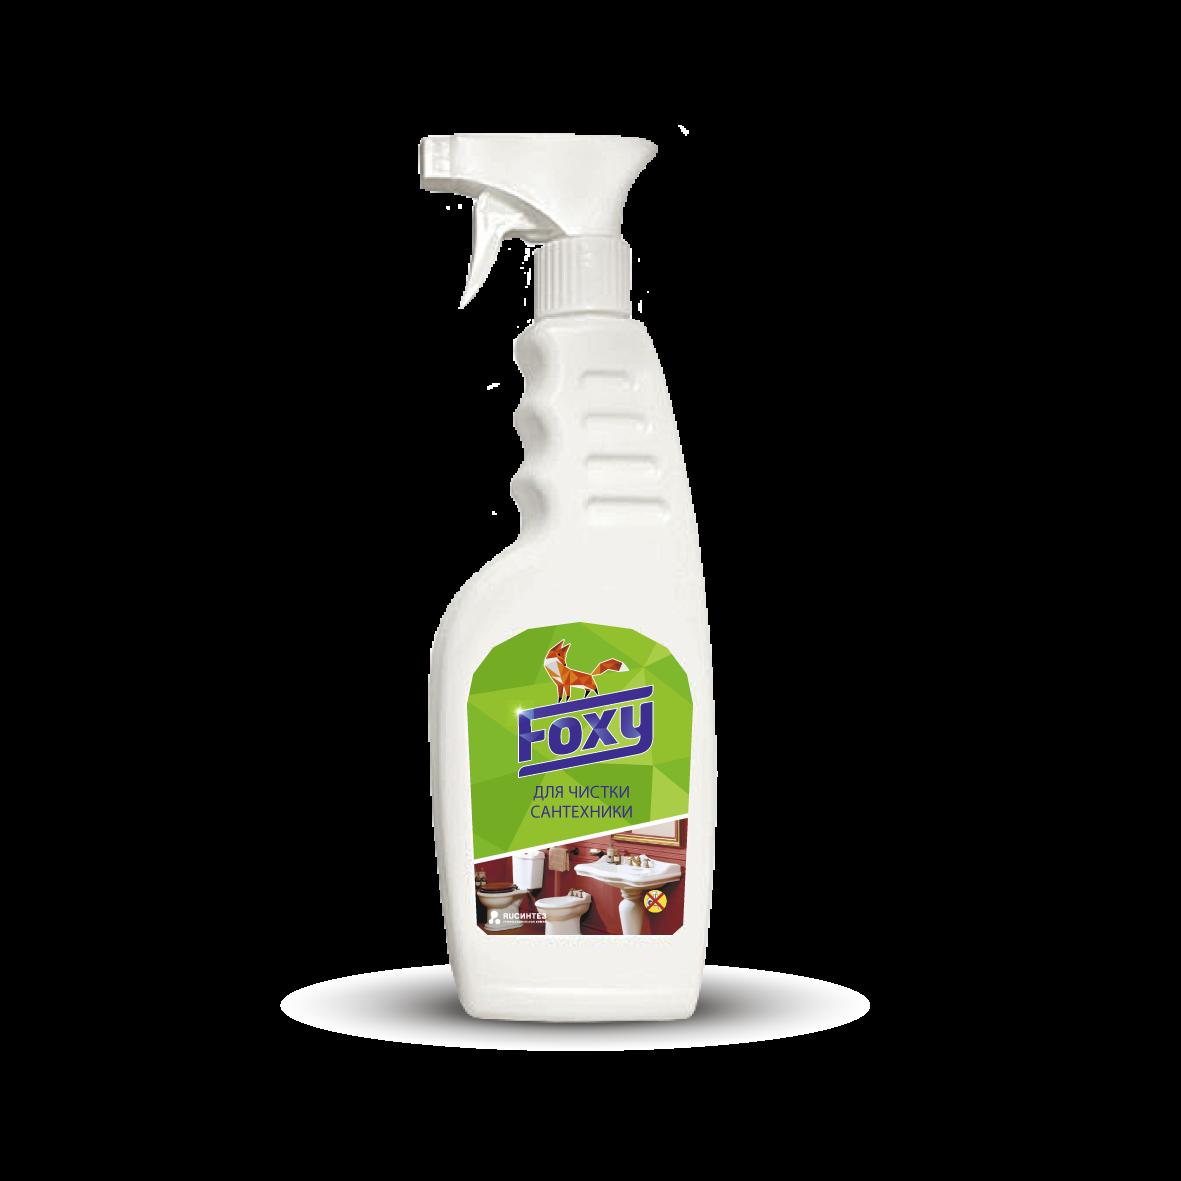 ️как выбрать чистящее эко-средство для дома